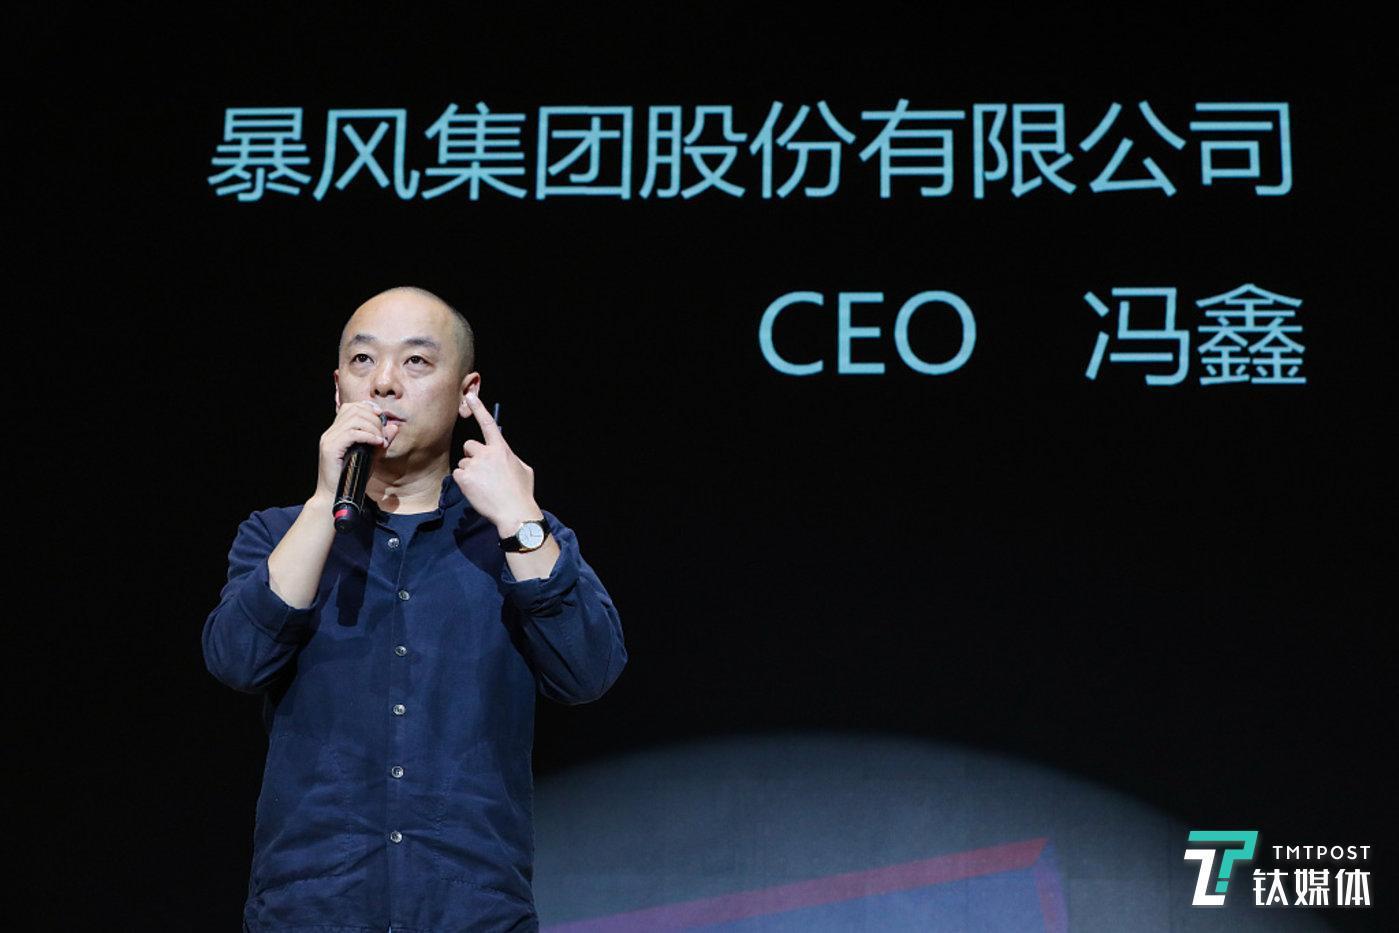 9月2日,暴风集团股份有限公司CEO冯鑫因涉嫌对非国家工作人员行贿罪、职务侵占罪被上海市静安区检察院批准逮捕。(图/视觉中国)